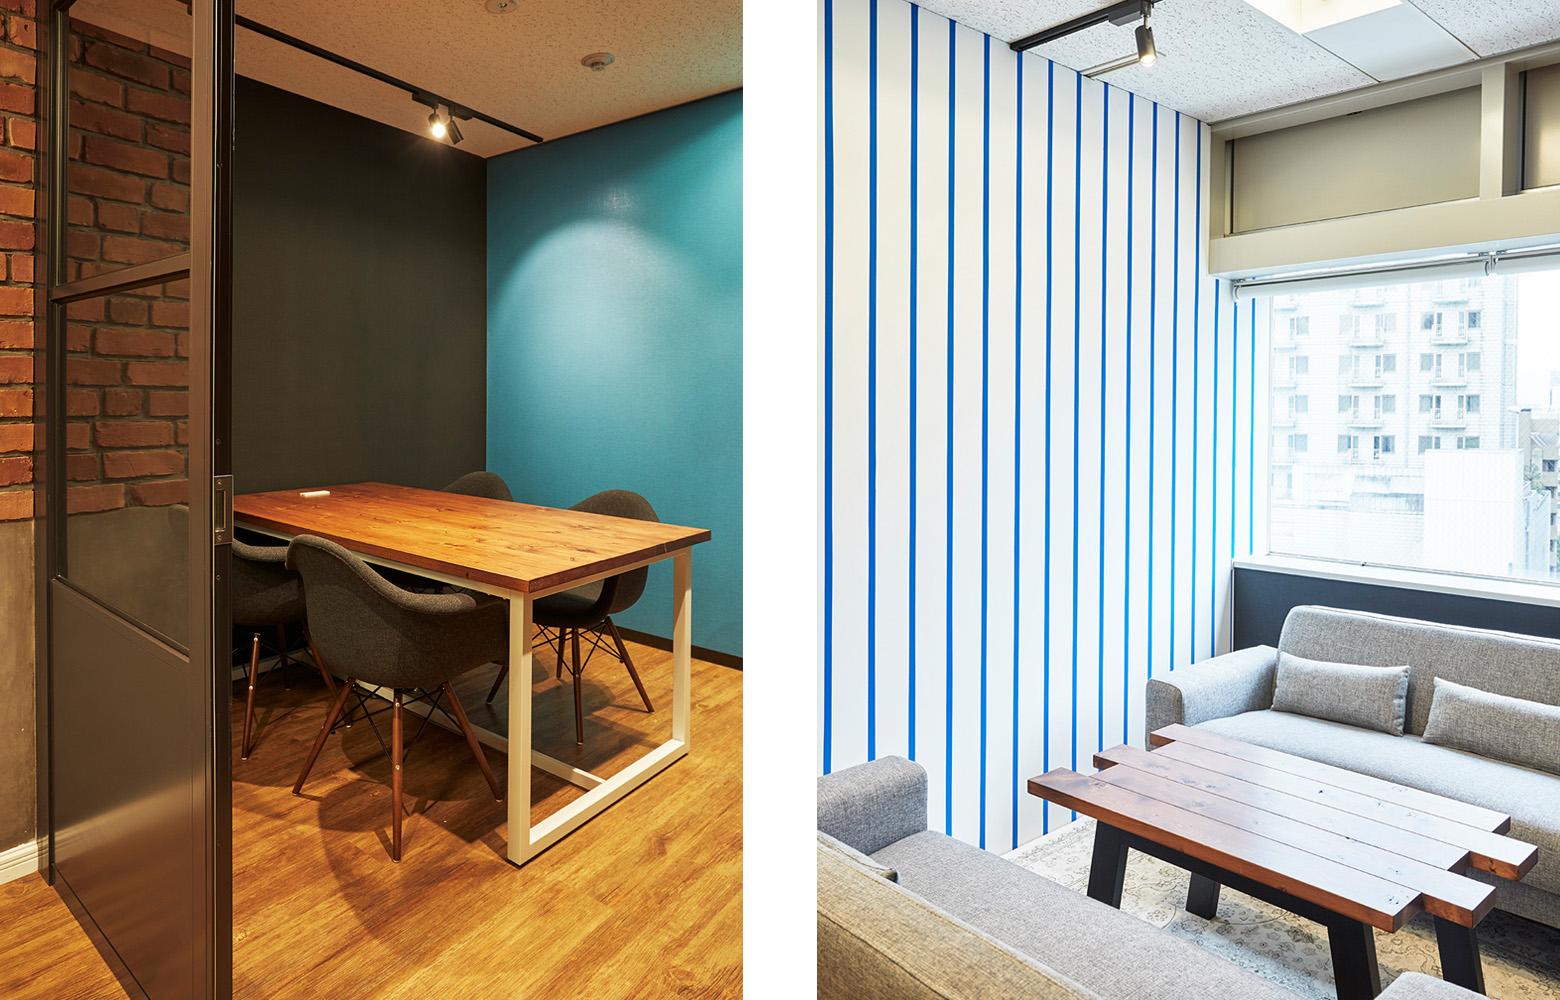 株式会社アット・アップ Meeting Room & Refresh Space デザイン・レイアウト事例